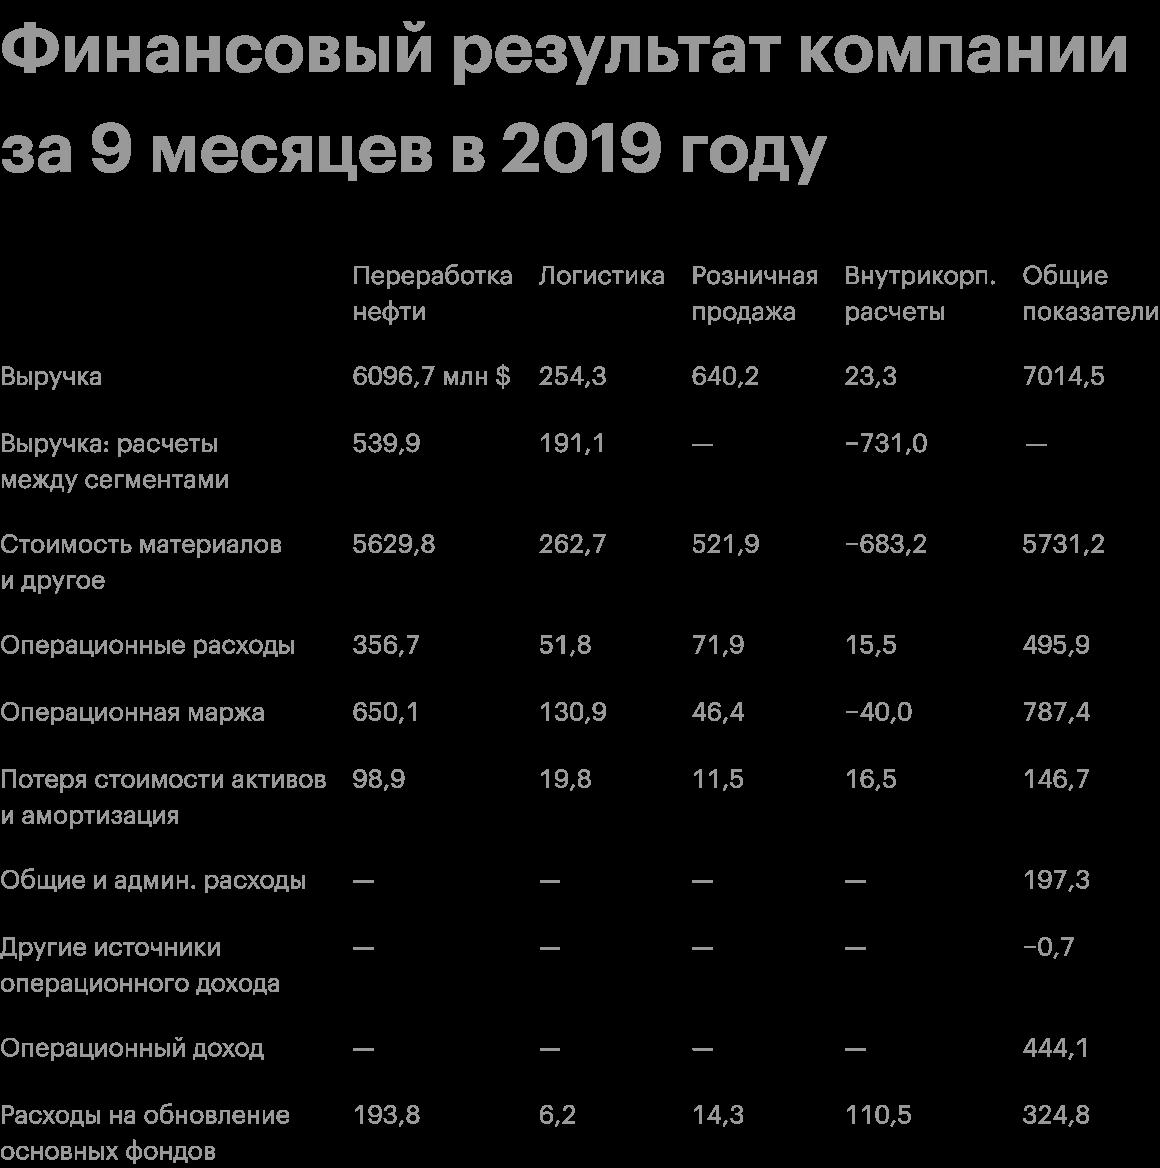 Источник: квартальный отчет компании, стр. 15—16 (16—17)